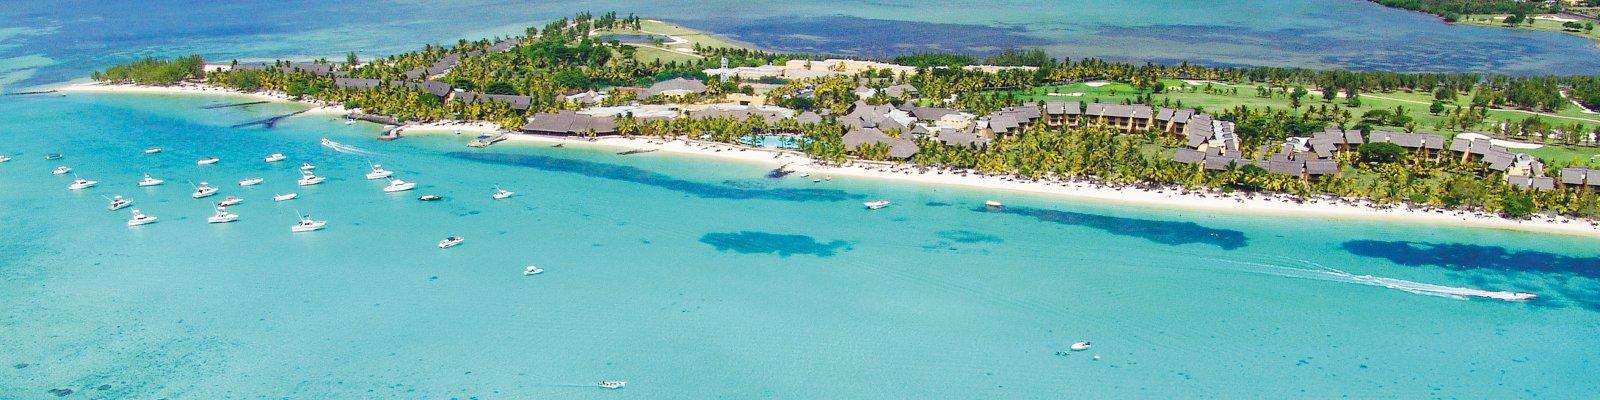 beachcomber maurice paradis